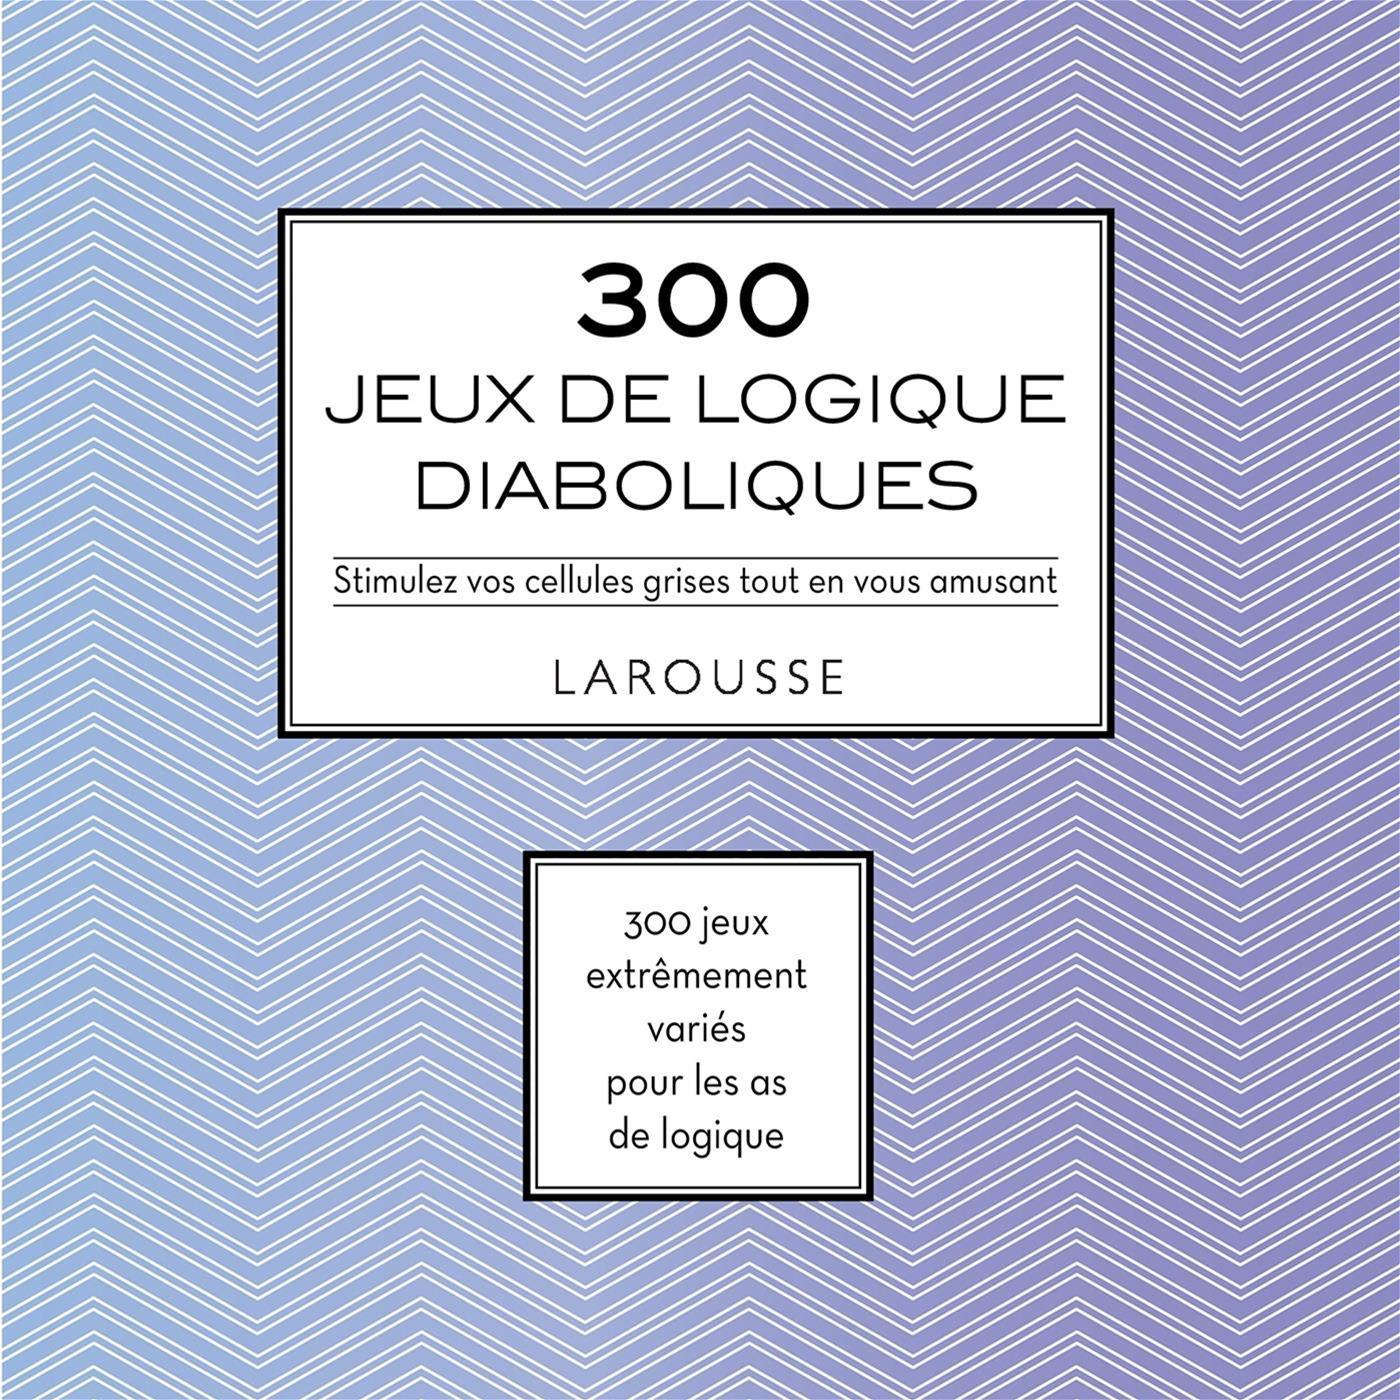 Livre 300 Jeux Logique Diabol | Messageries Adp pour Je De Logique